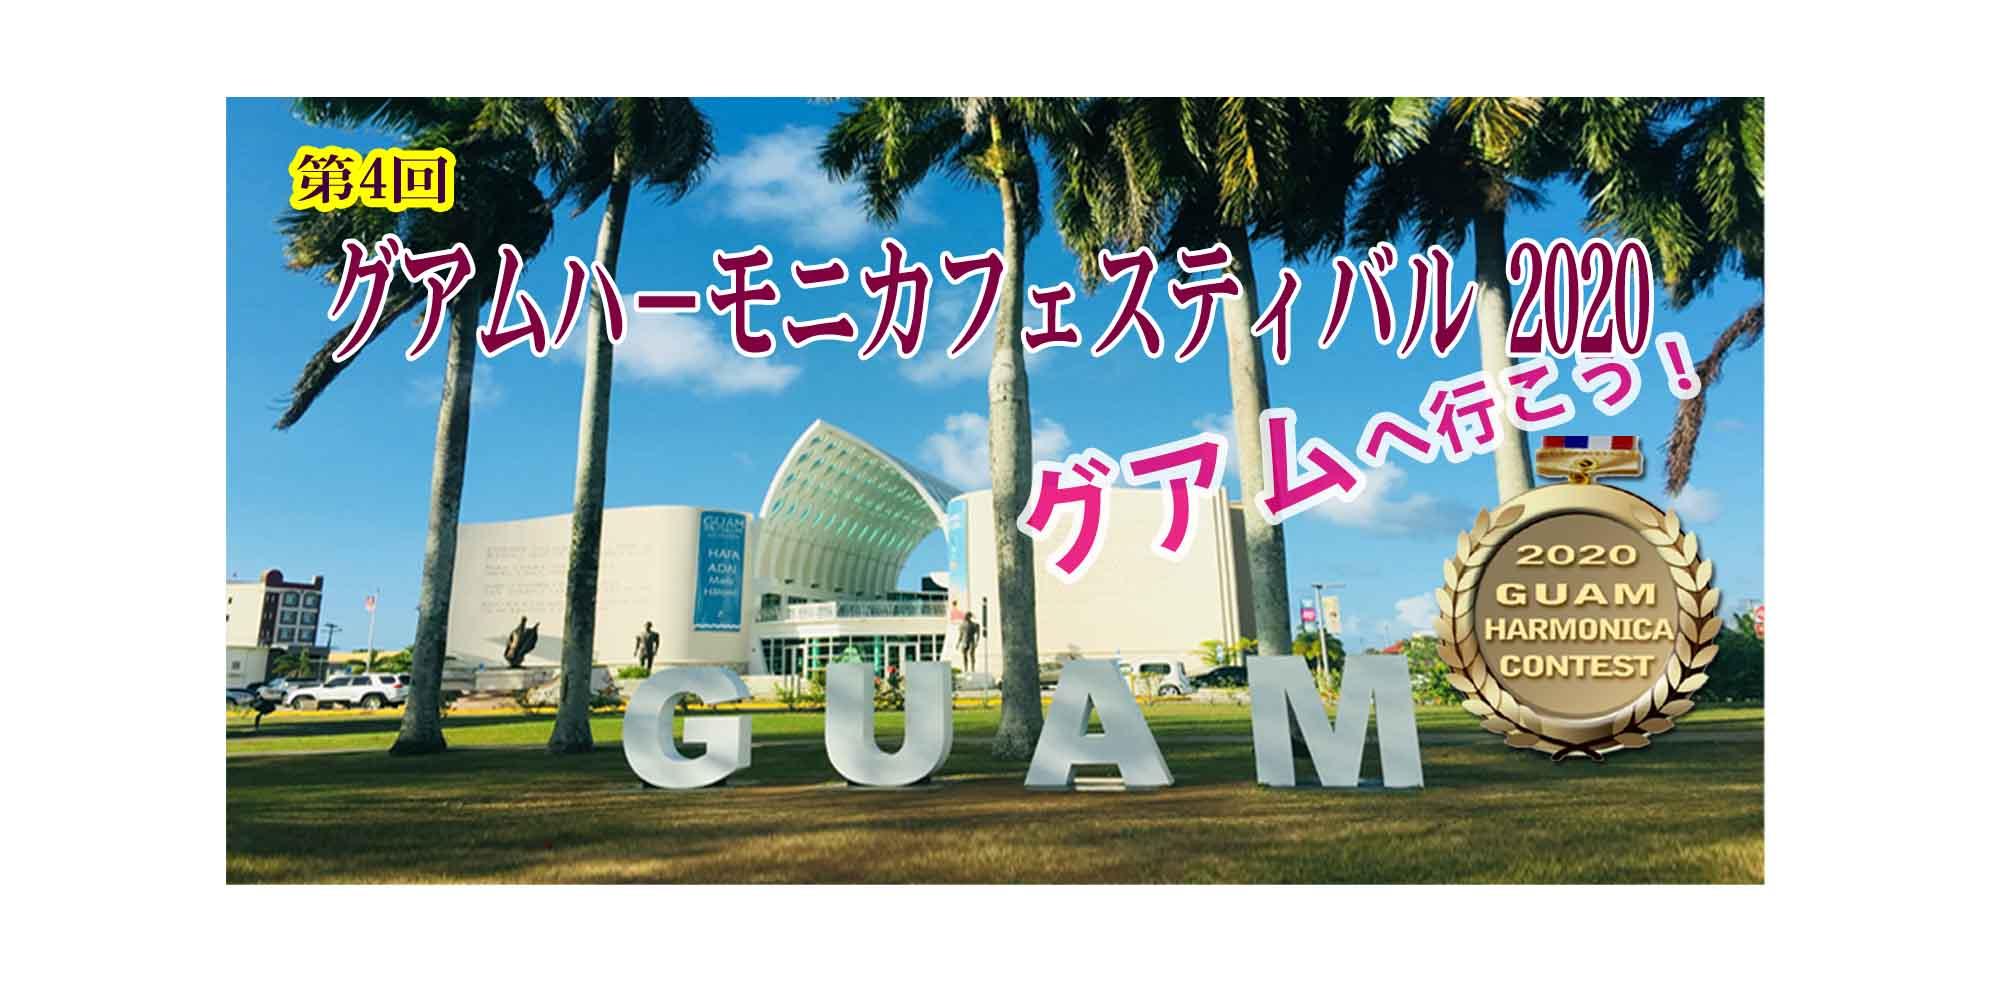 グアム ハーモニカフェスティバル 2020